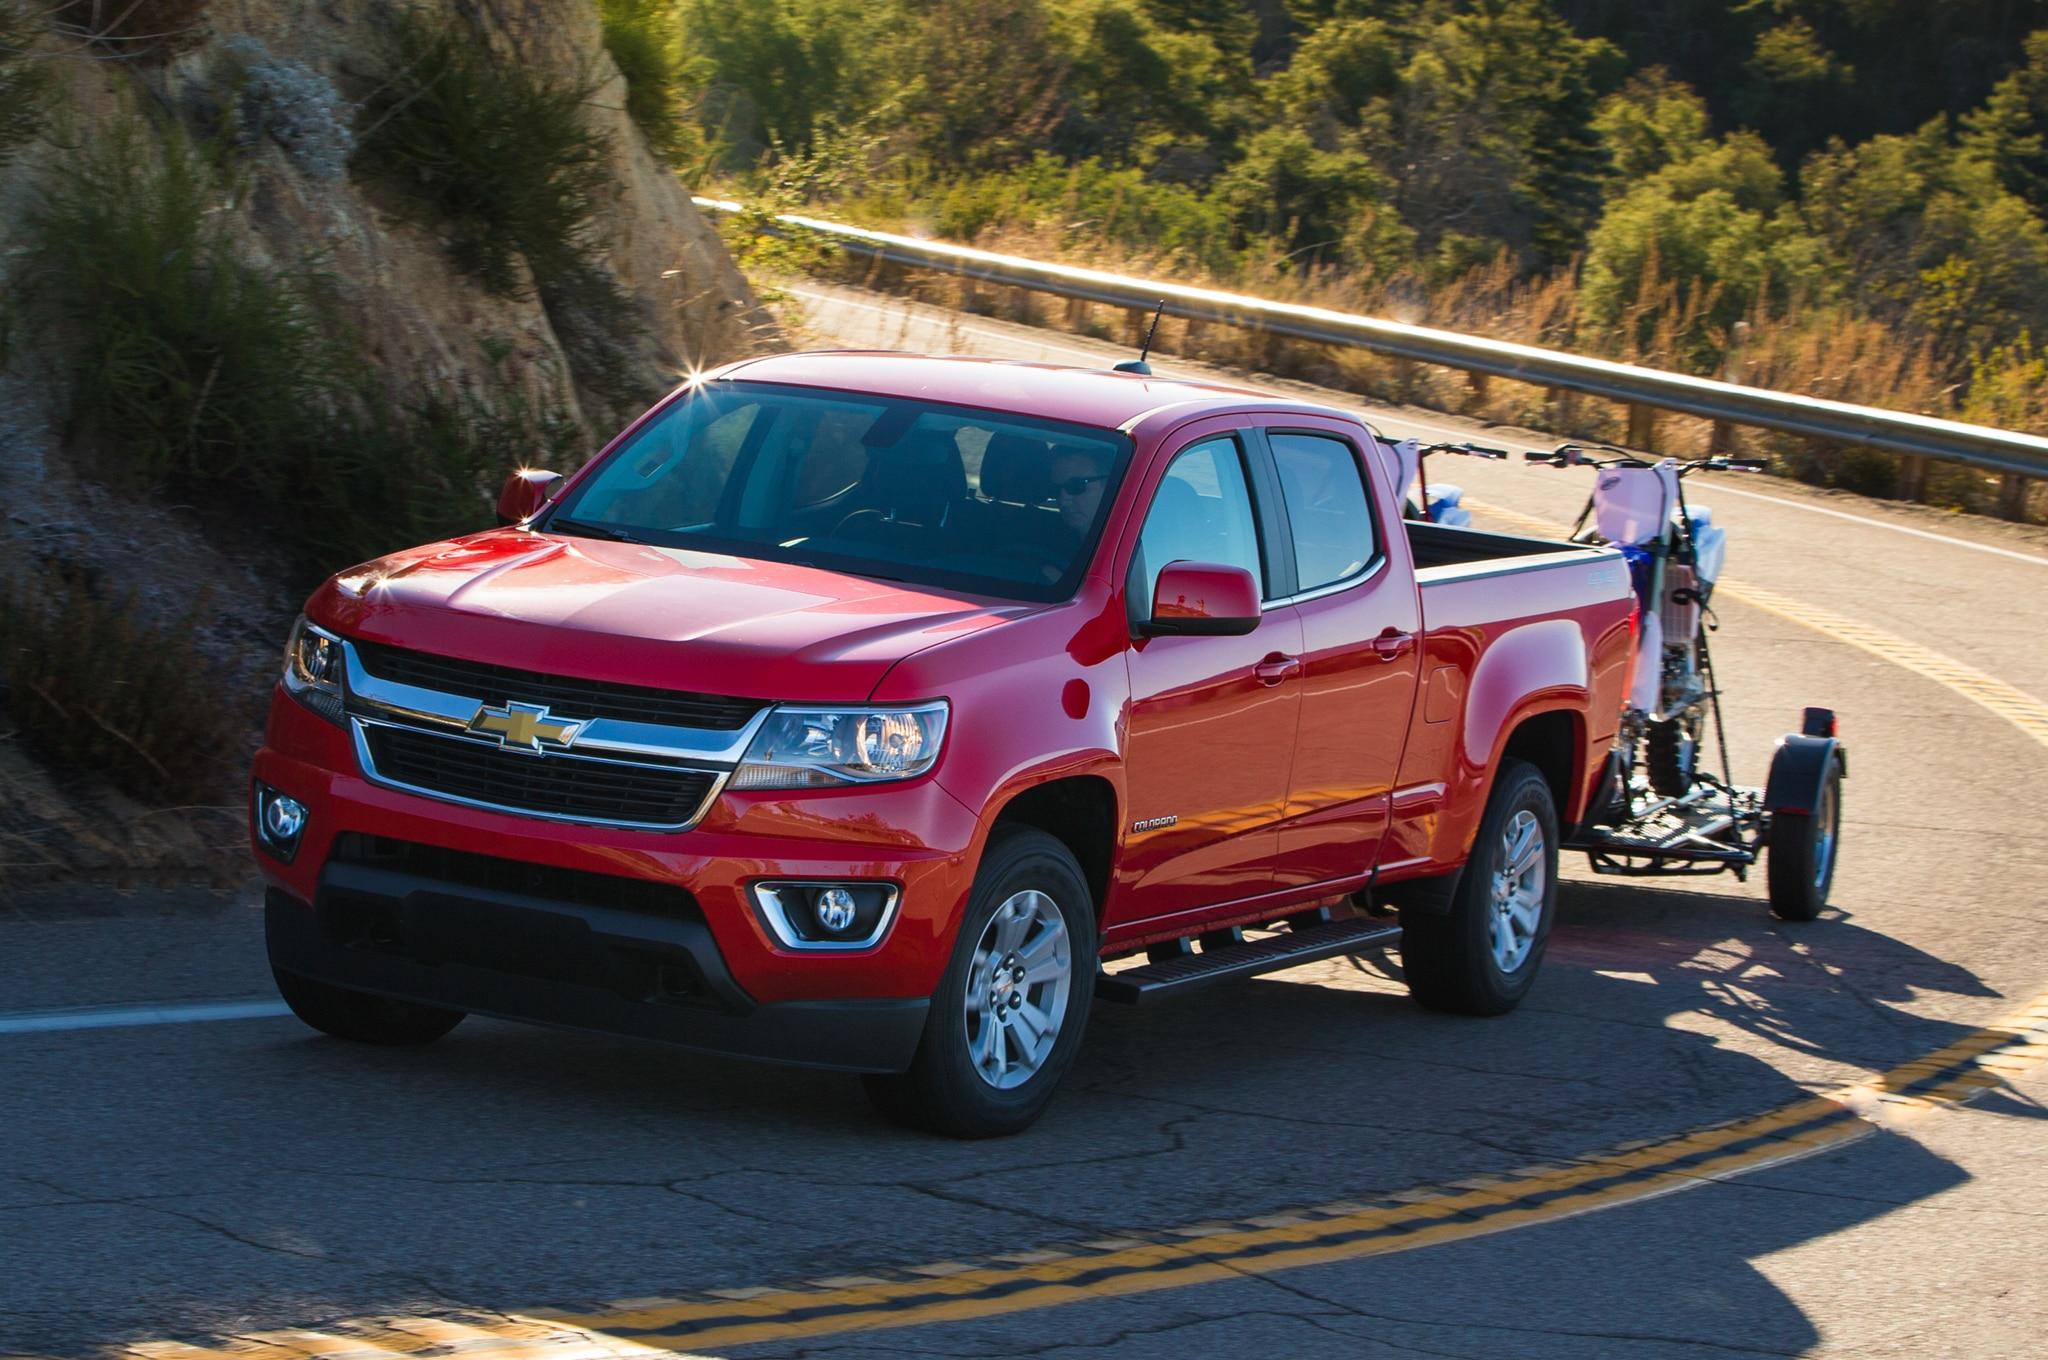 2015 Chevrolet Colorado GMC Canyon Powertrains Detailed Automobile